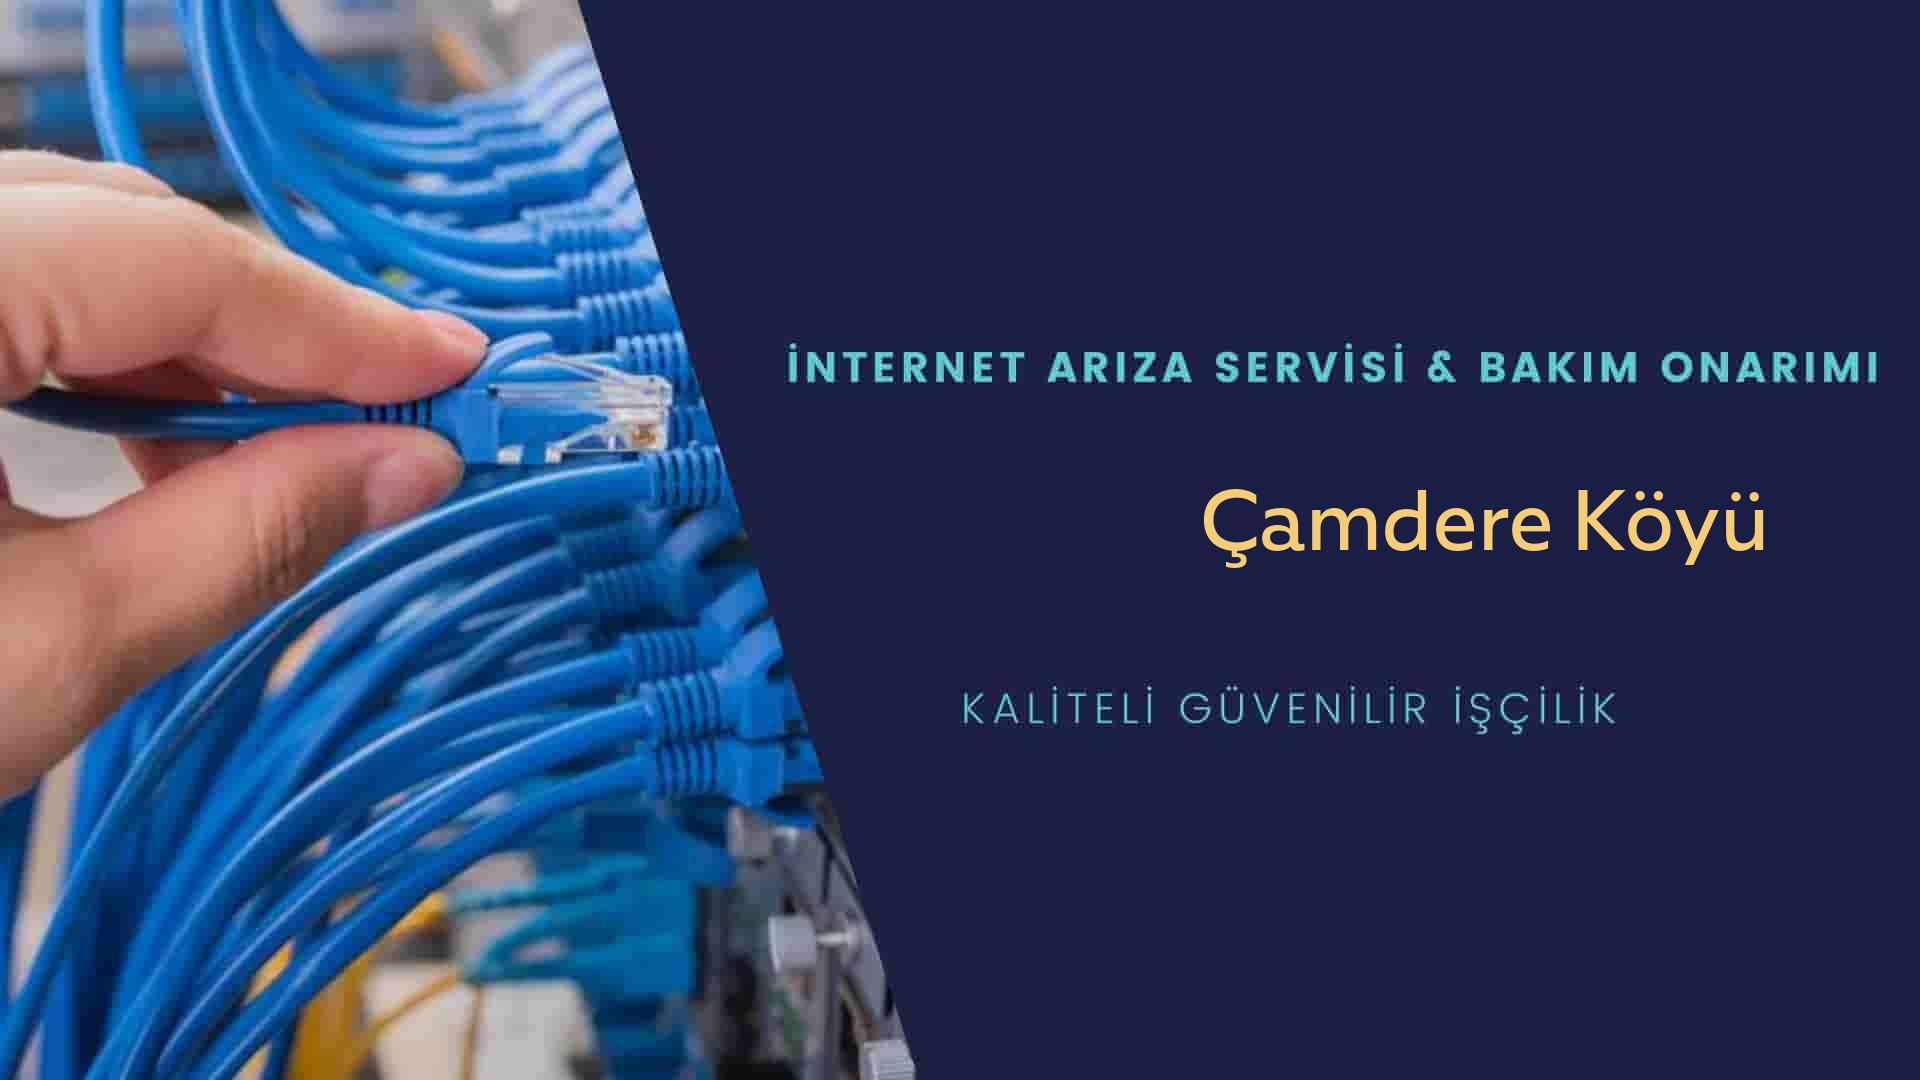 Çamdere Köyü internet kablosu çekimi yapan yerler veya elektrikçiler mi? arıyorsunuz doğru yerdesiniz o zaman sizlere 7/24 yardımcı olacak profesyonel ustalarımız bir telefon kadar yakındır size.